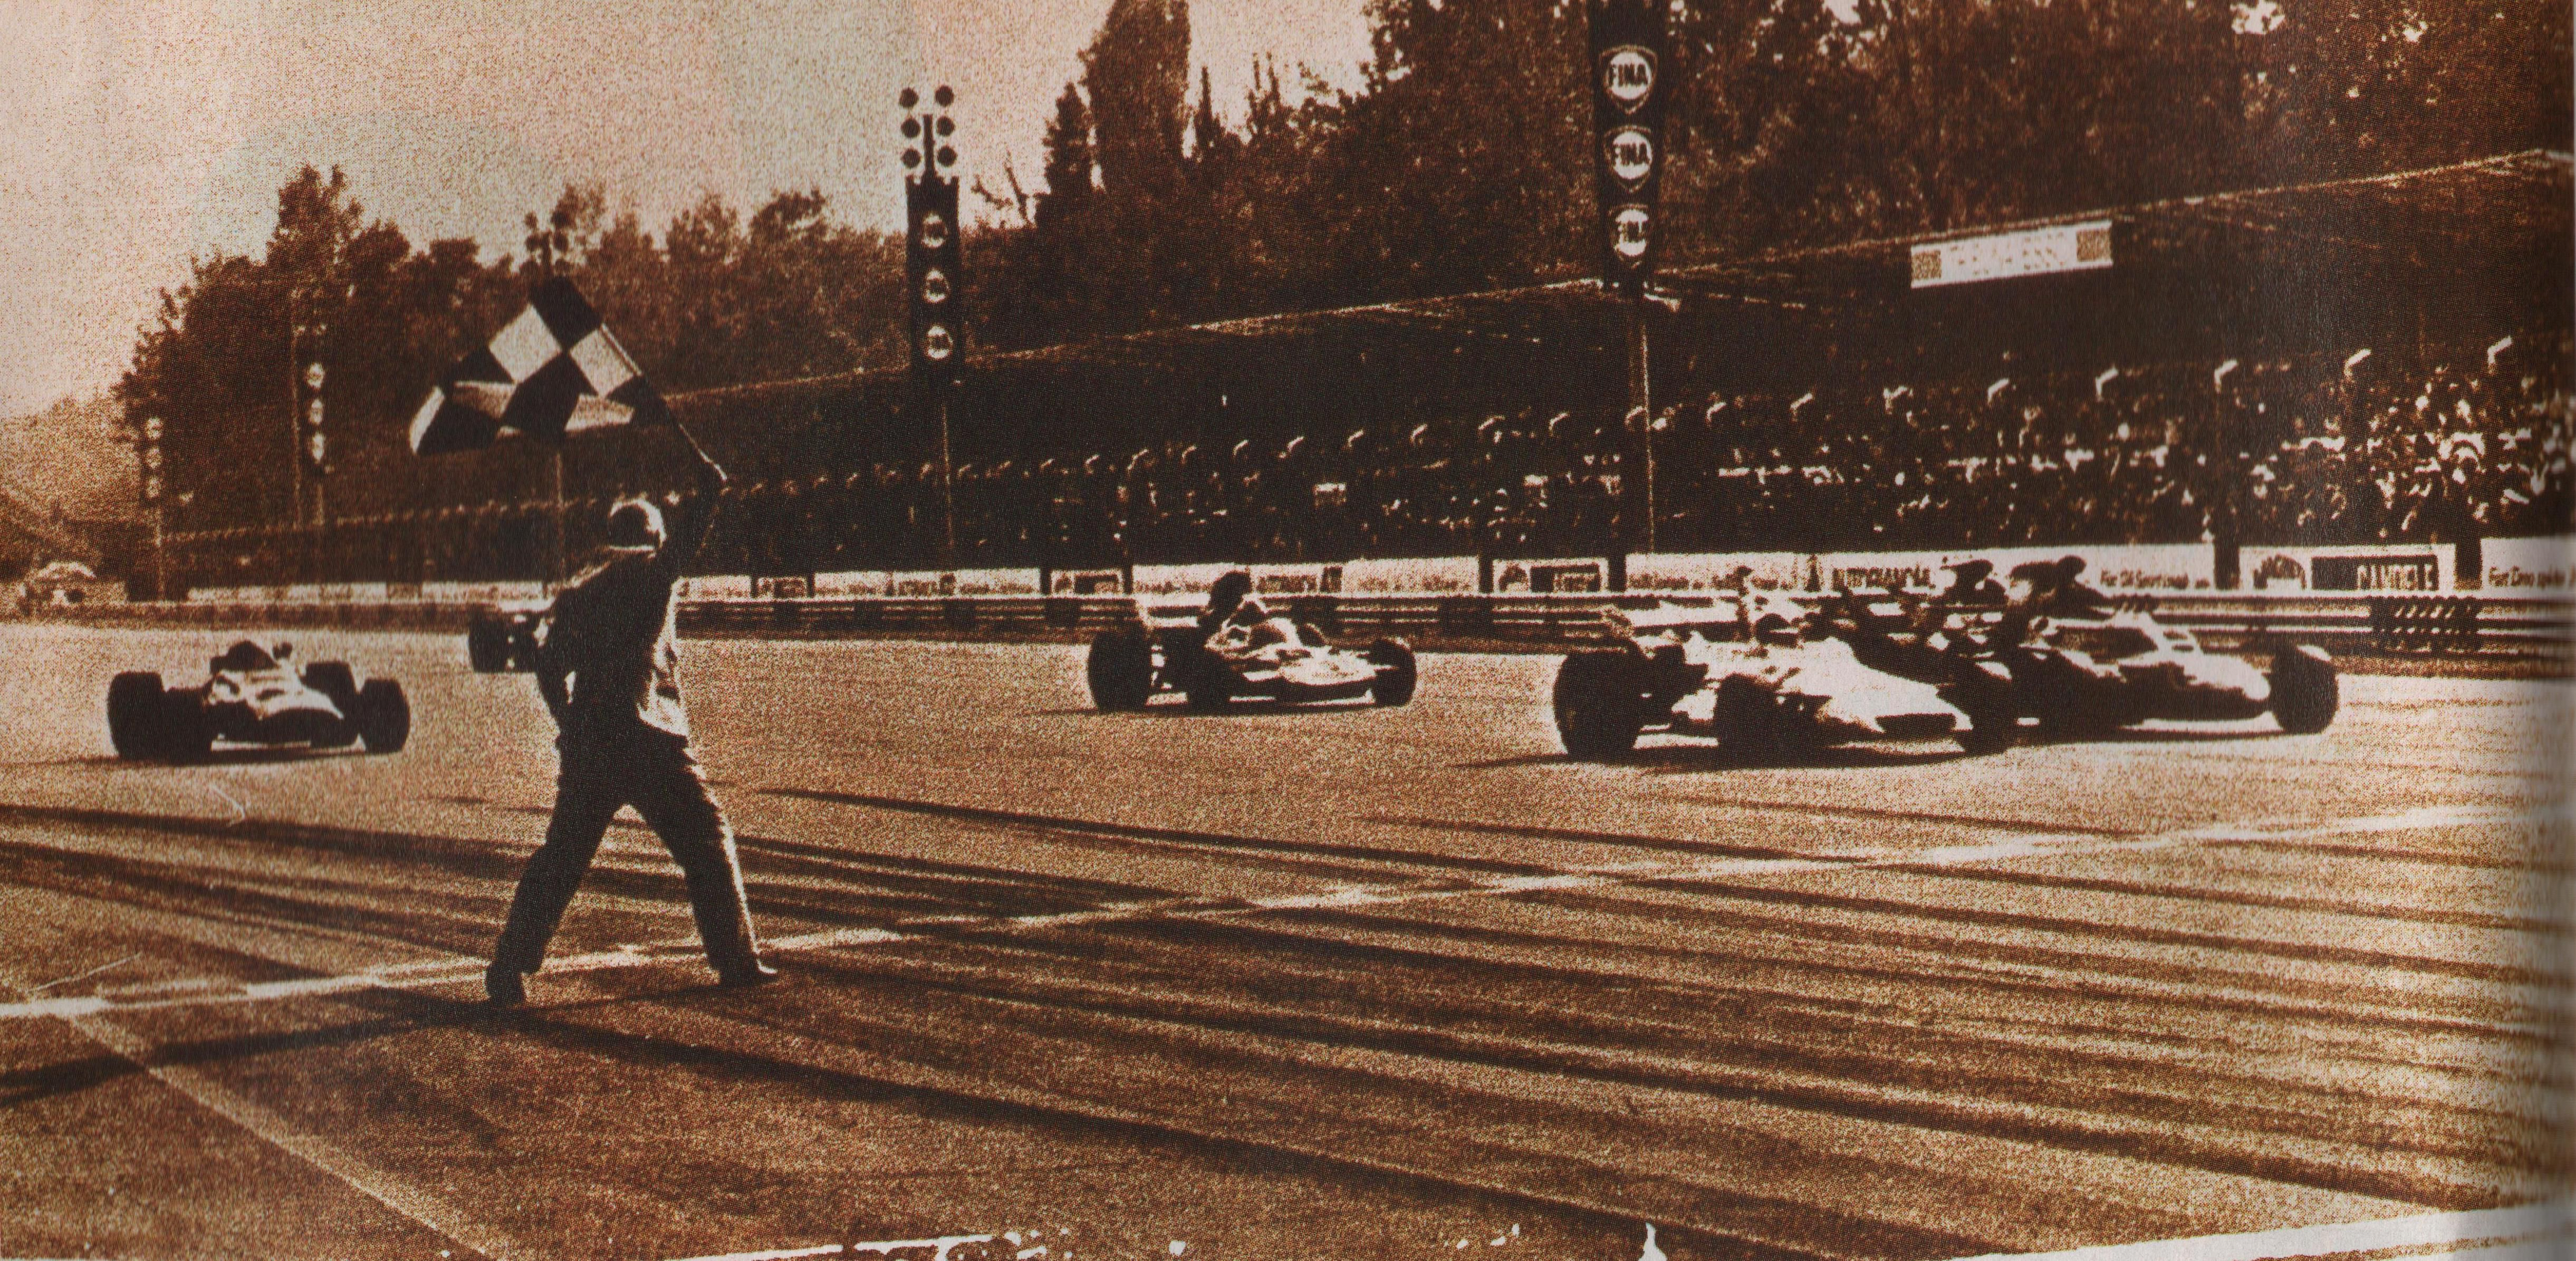 El final de la competencia. Fue espectacular con cinco autos en medio de 0.61 segundos (Archivo CORSA)